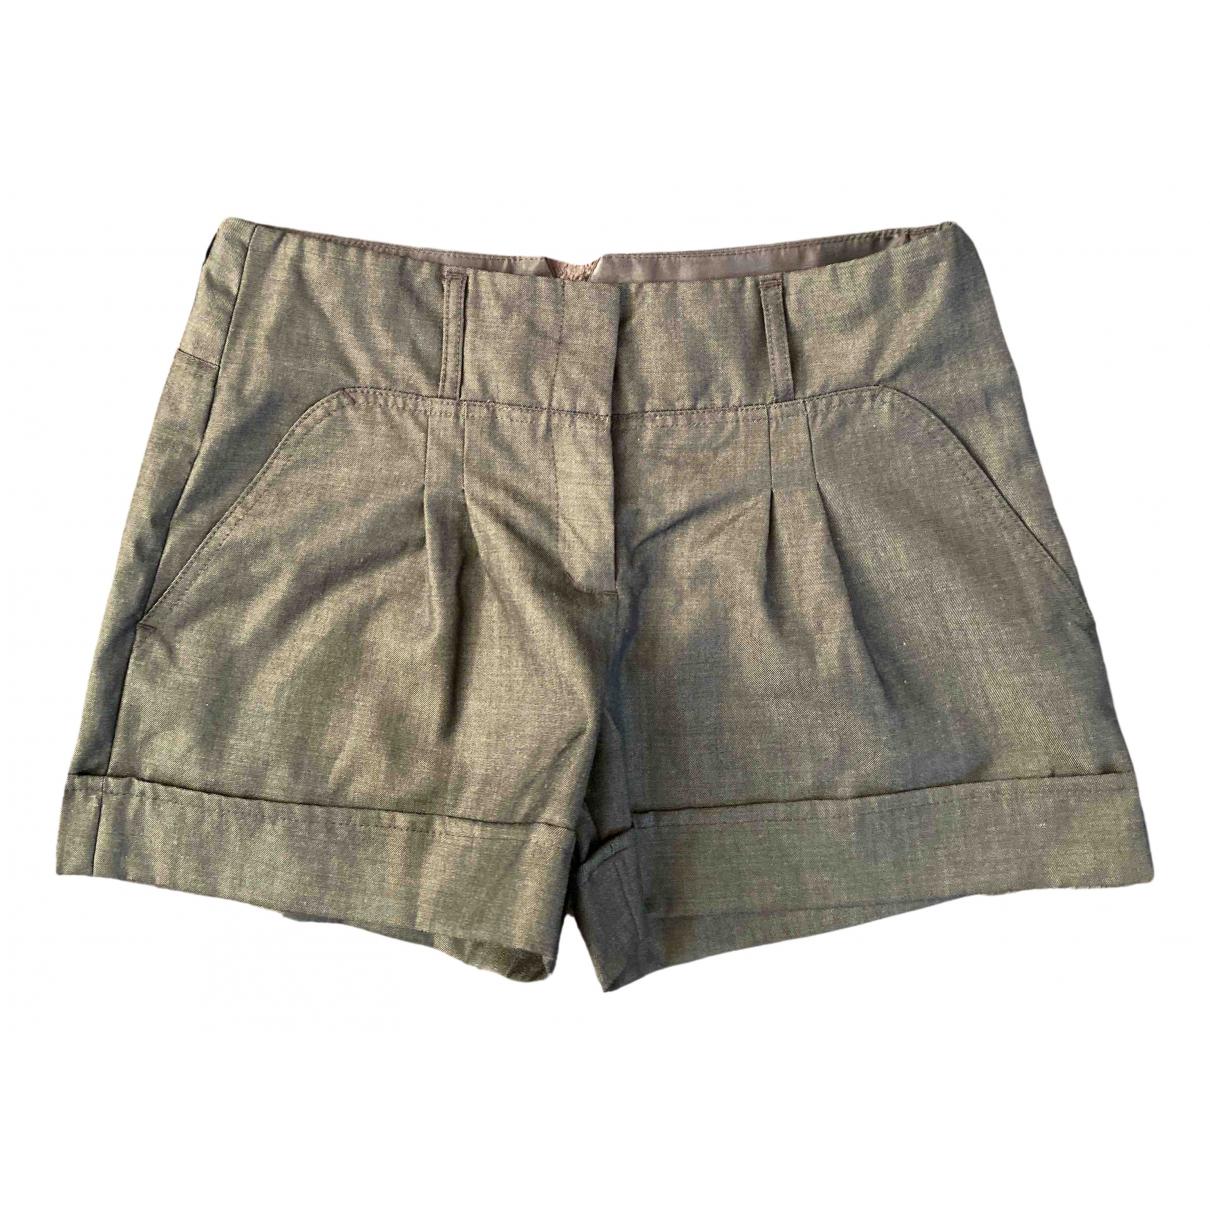 Bcbg Max Azria N Grey Wool Shorts for Women 2 US